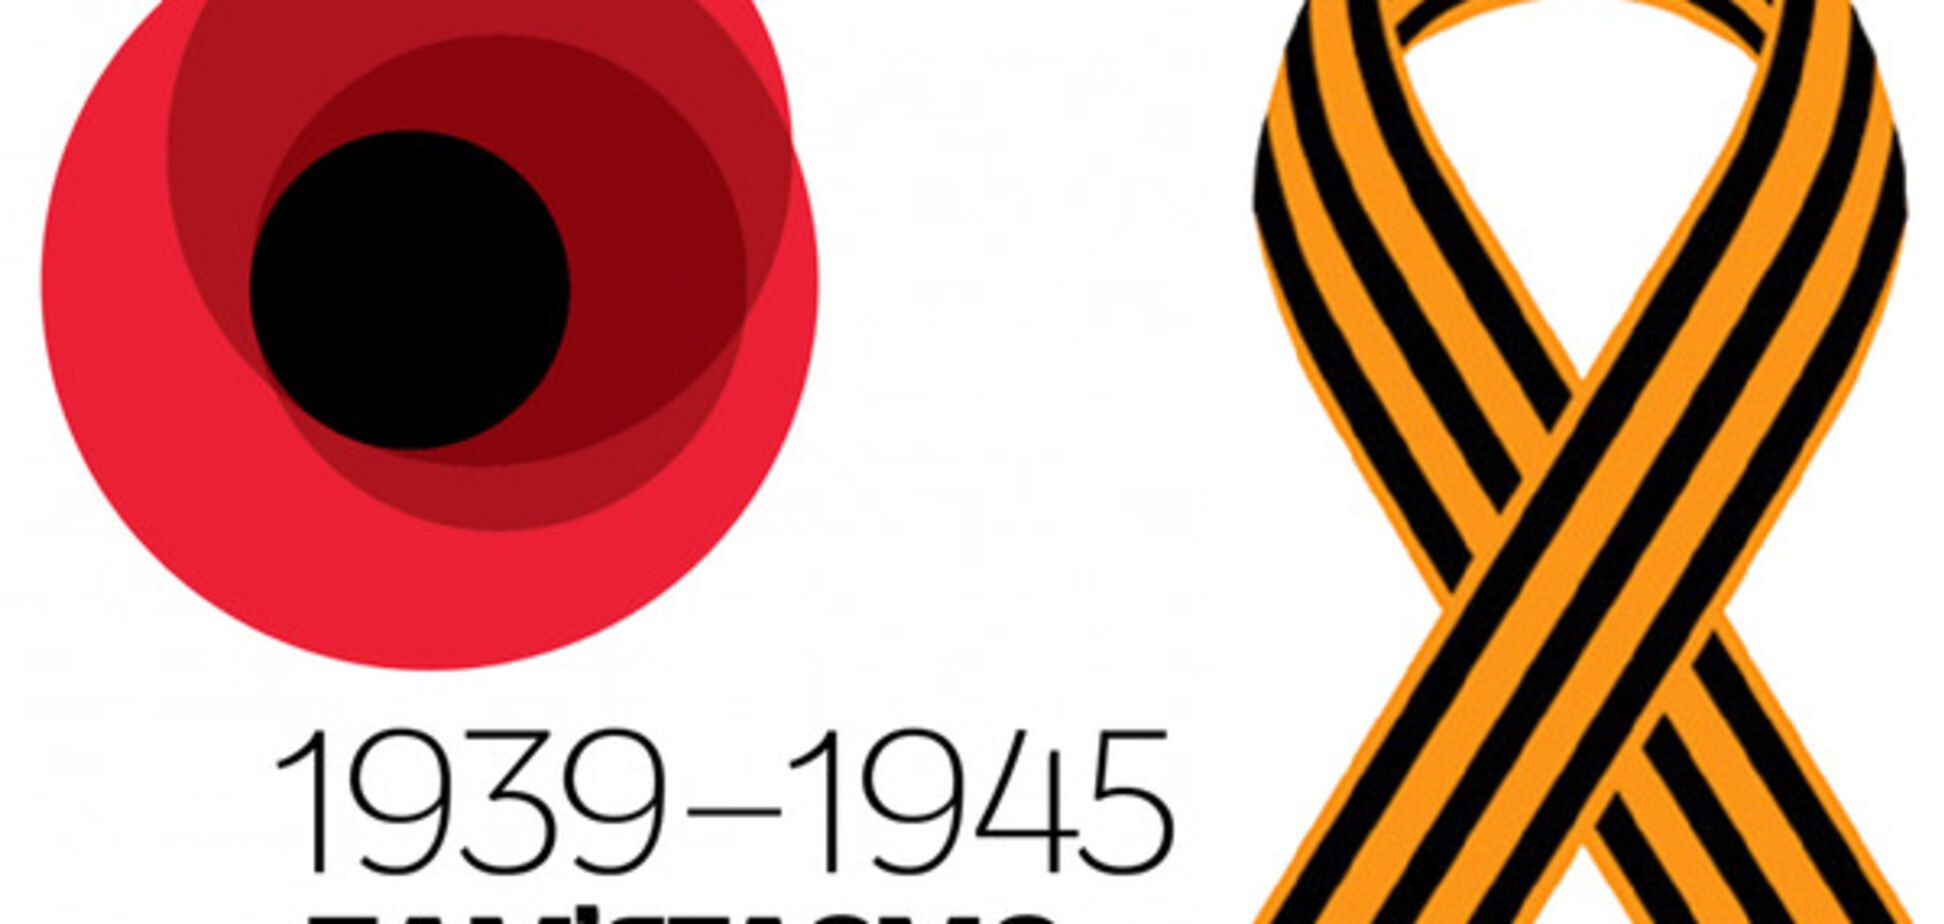 Красный мак против георгиевской ленты: какой символ победит в Украине